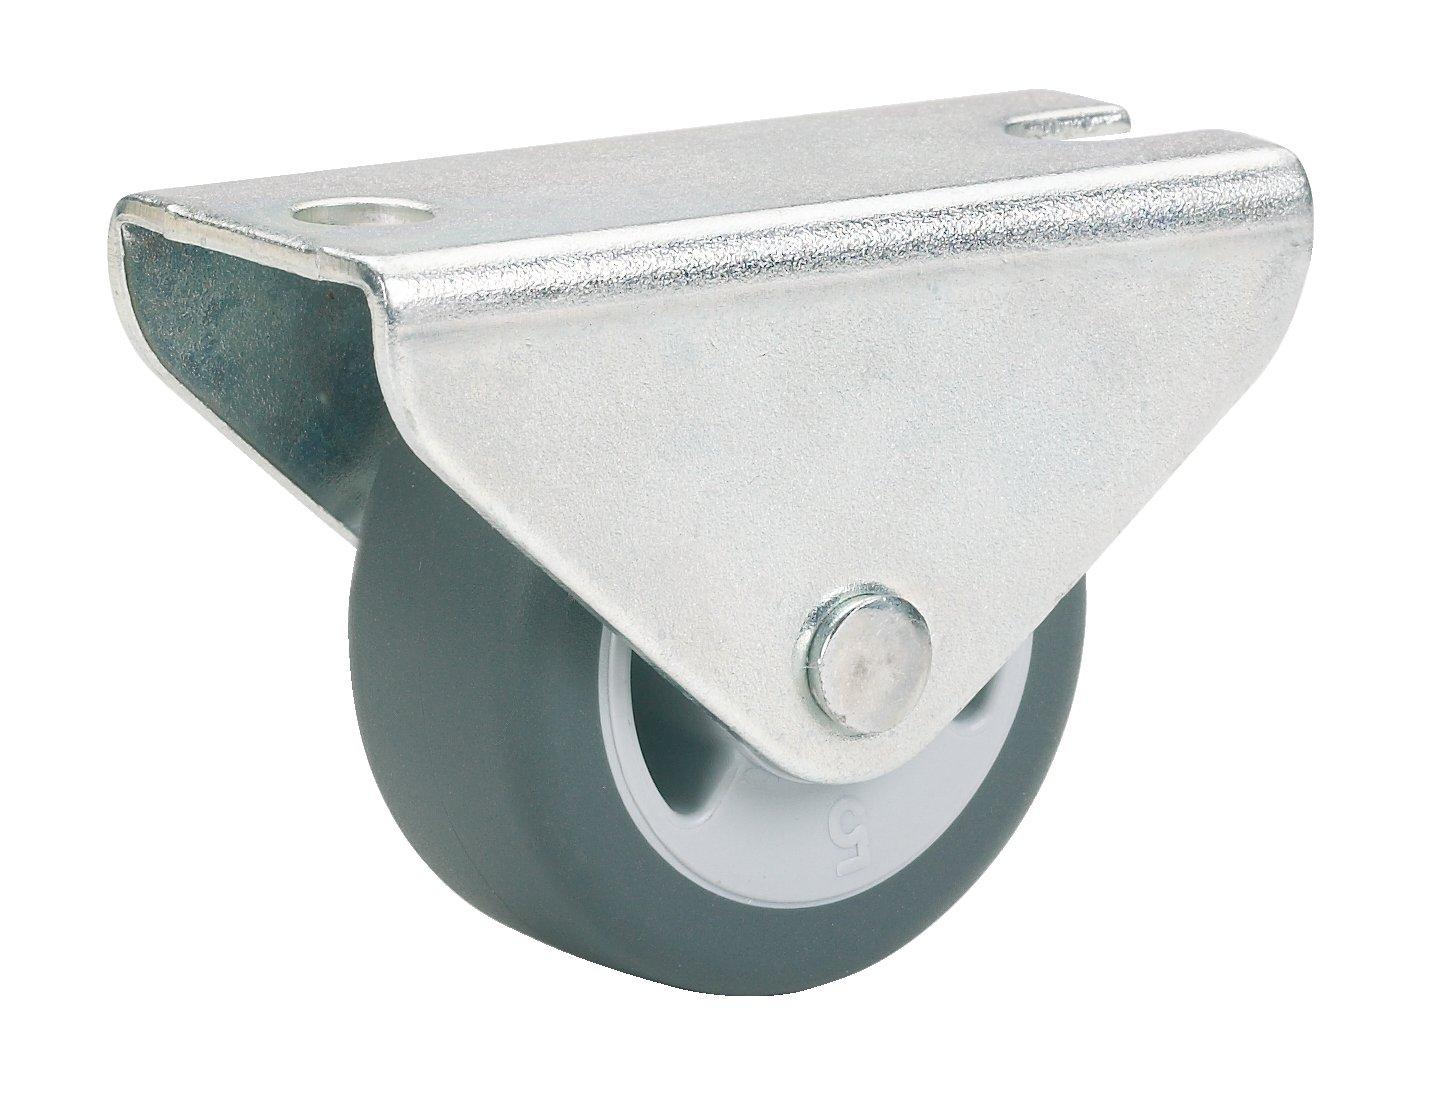 Dö rner + Helmer Parkett-Bockrolle (50 x 19 mm, TPE-Rad) grau, 791340 DÖNER + HELMER